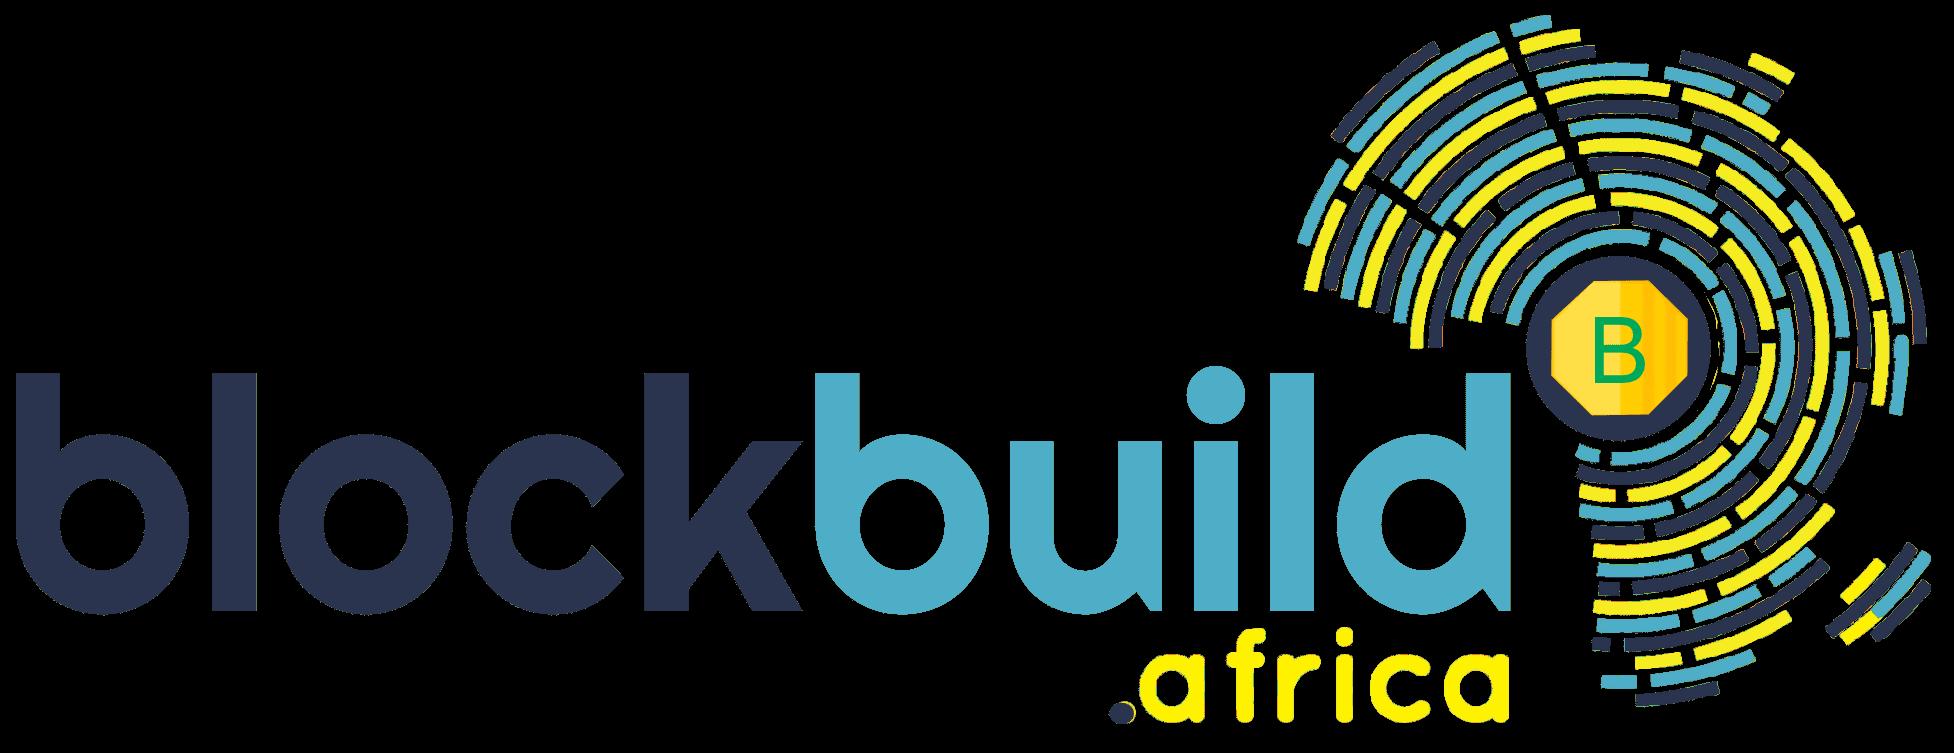 Zuia.africa